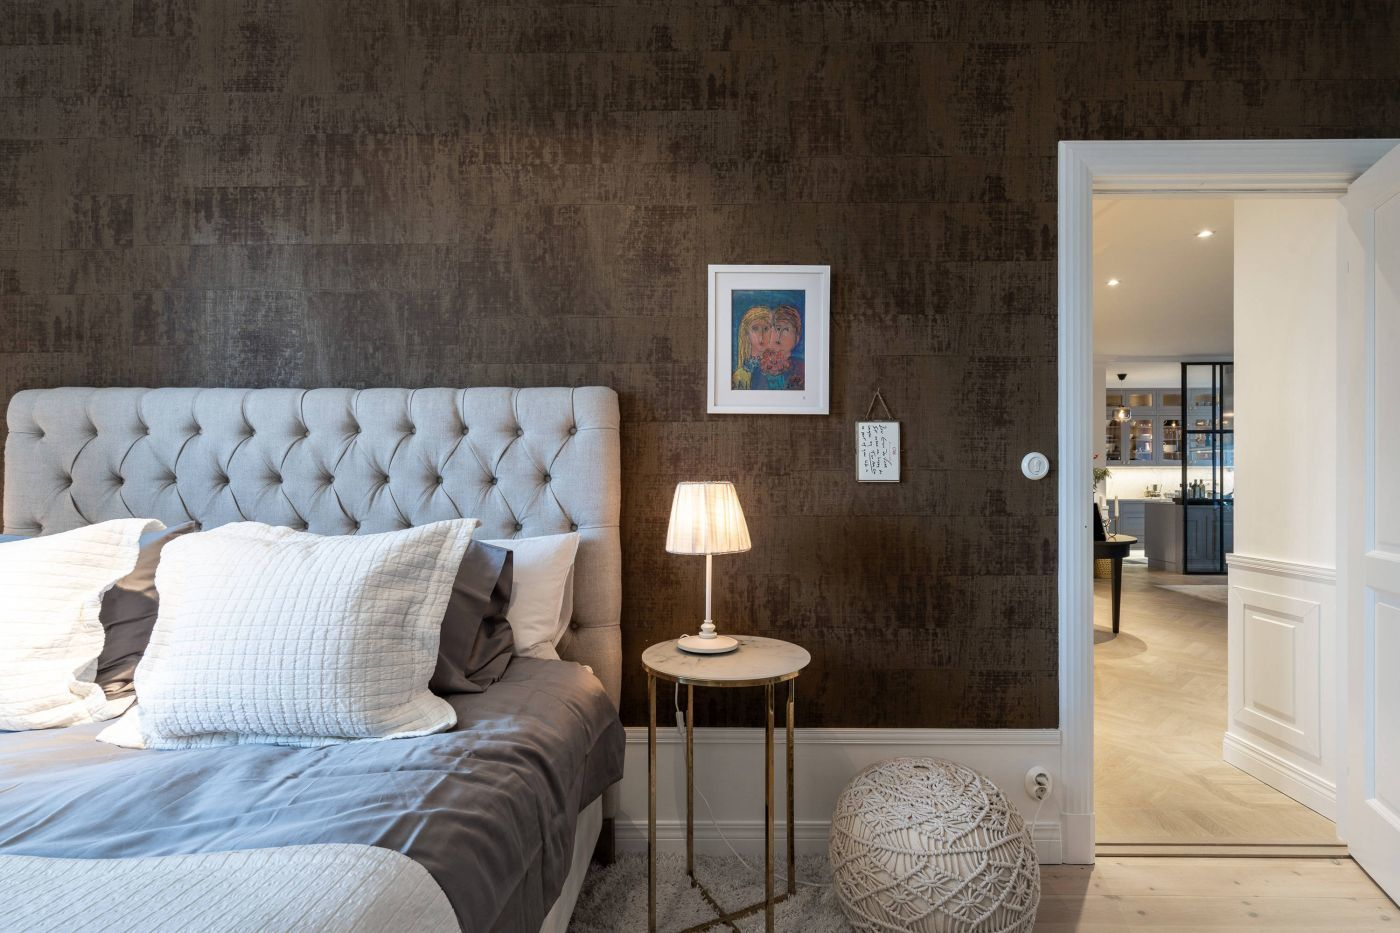 Barna betonhatású tapéta a hálószobában